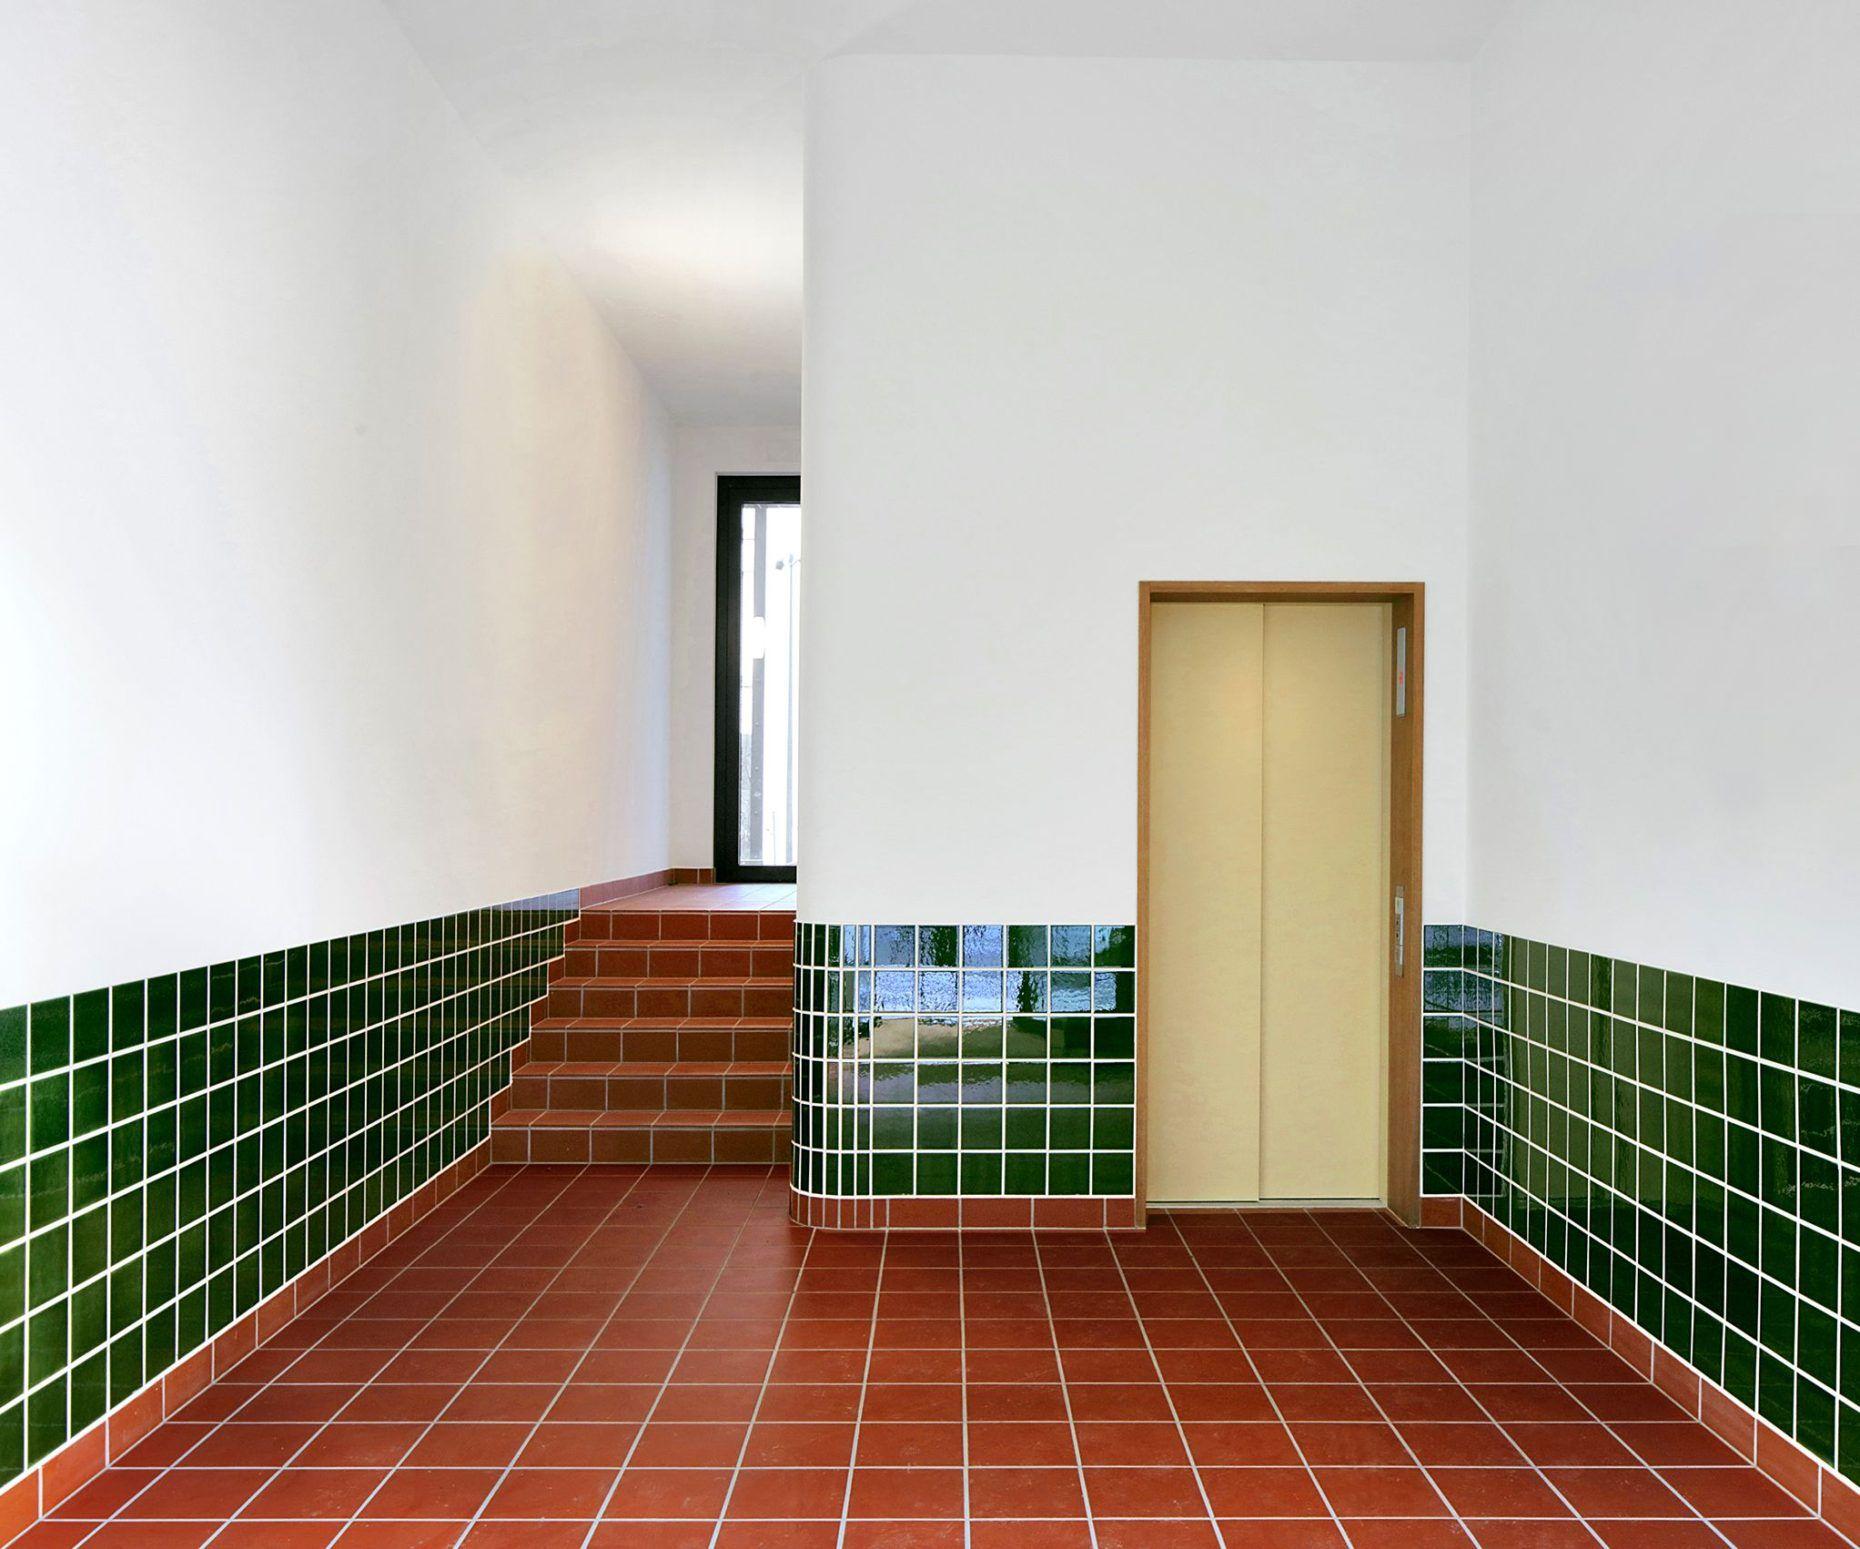 Kaai 37 Antwerpen Interior Design Addict Interior Design School Best Interior Design Websites Decor Interior Design